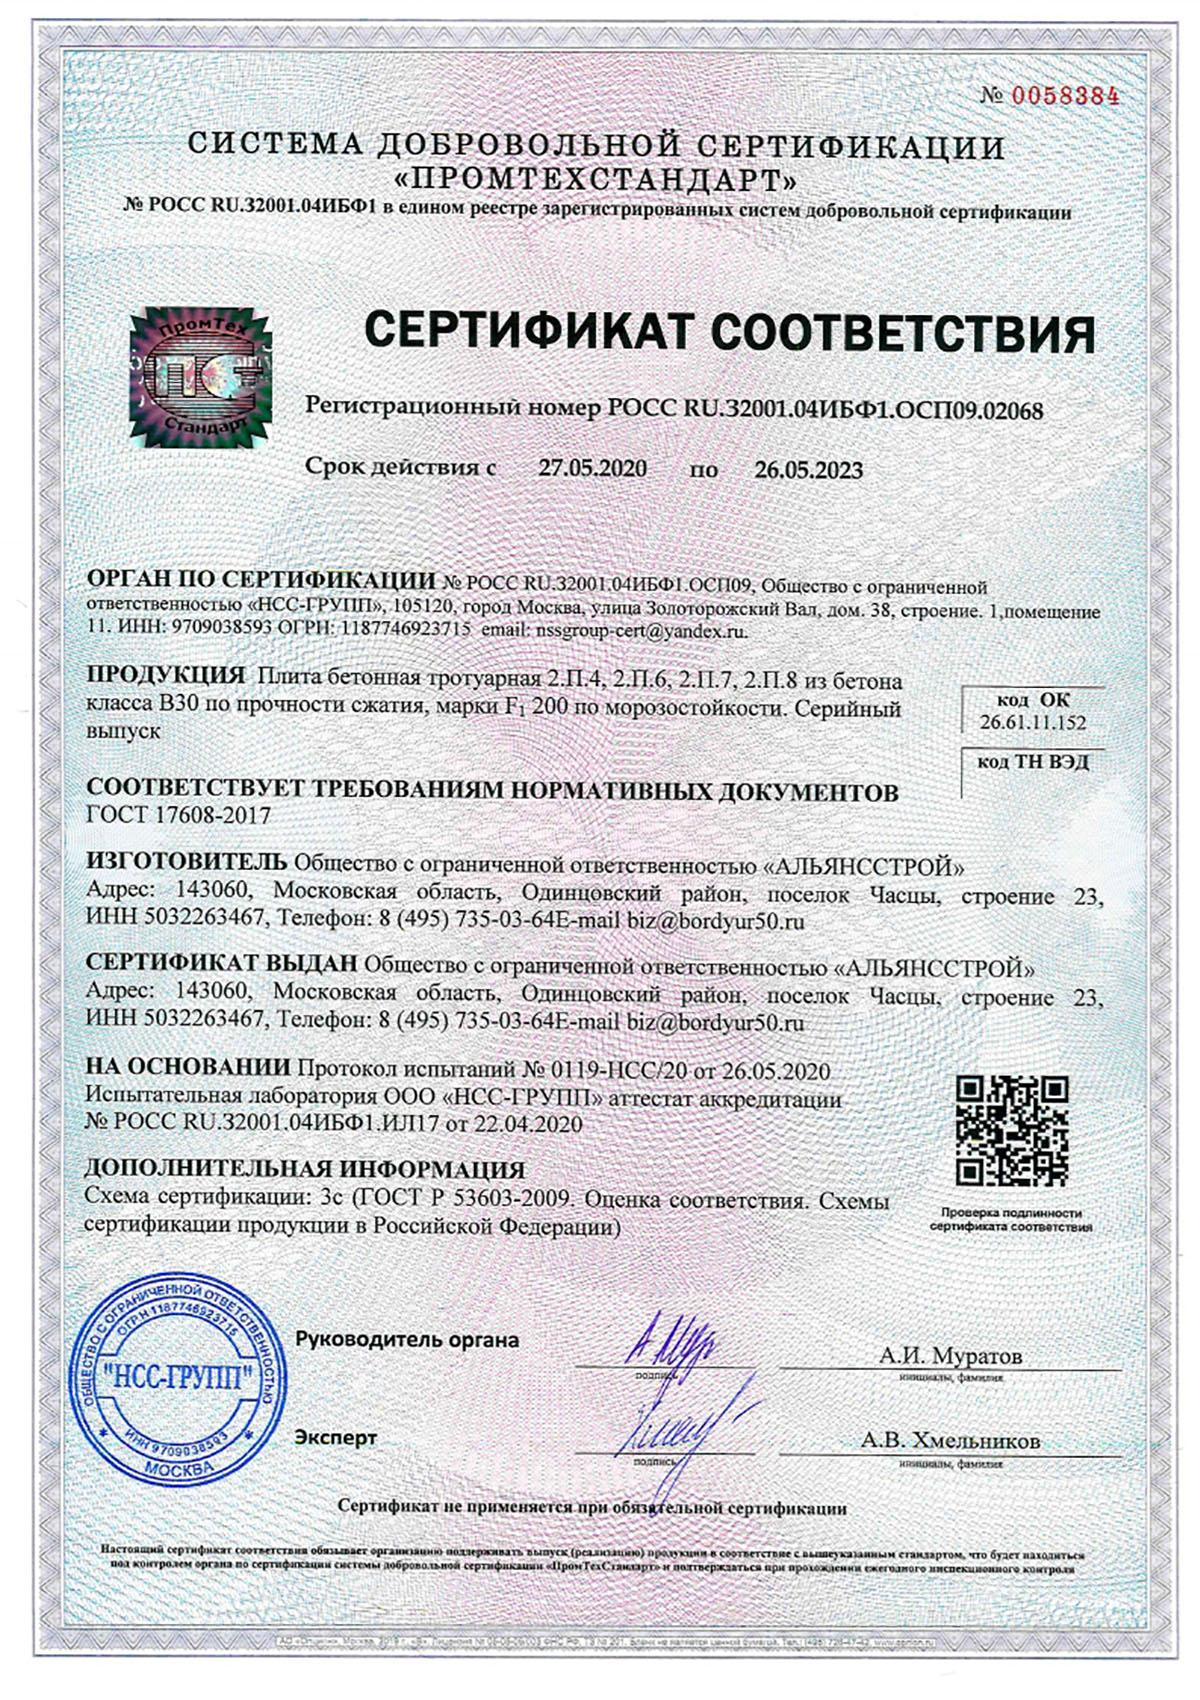 сертификат соответствия брусчатка, сертификат соответствия брюгге